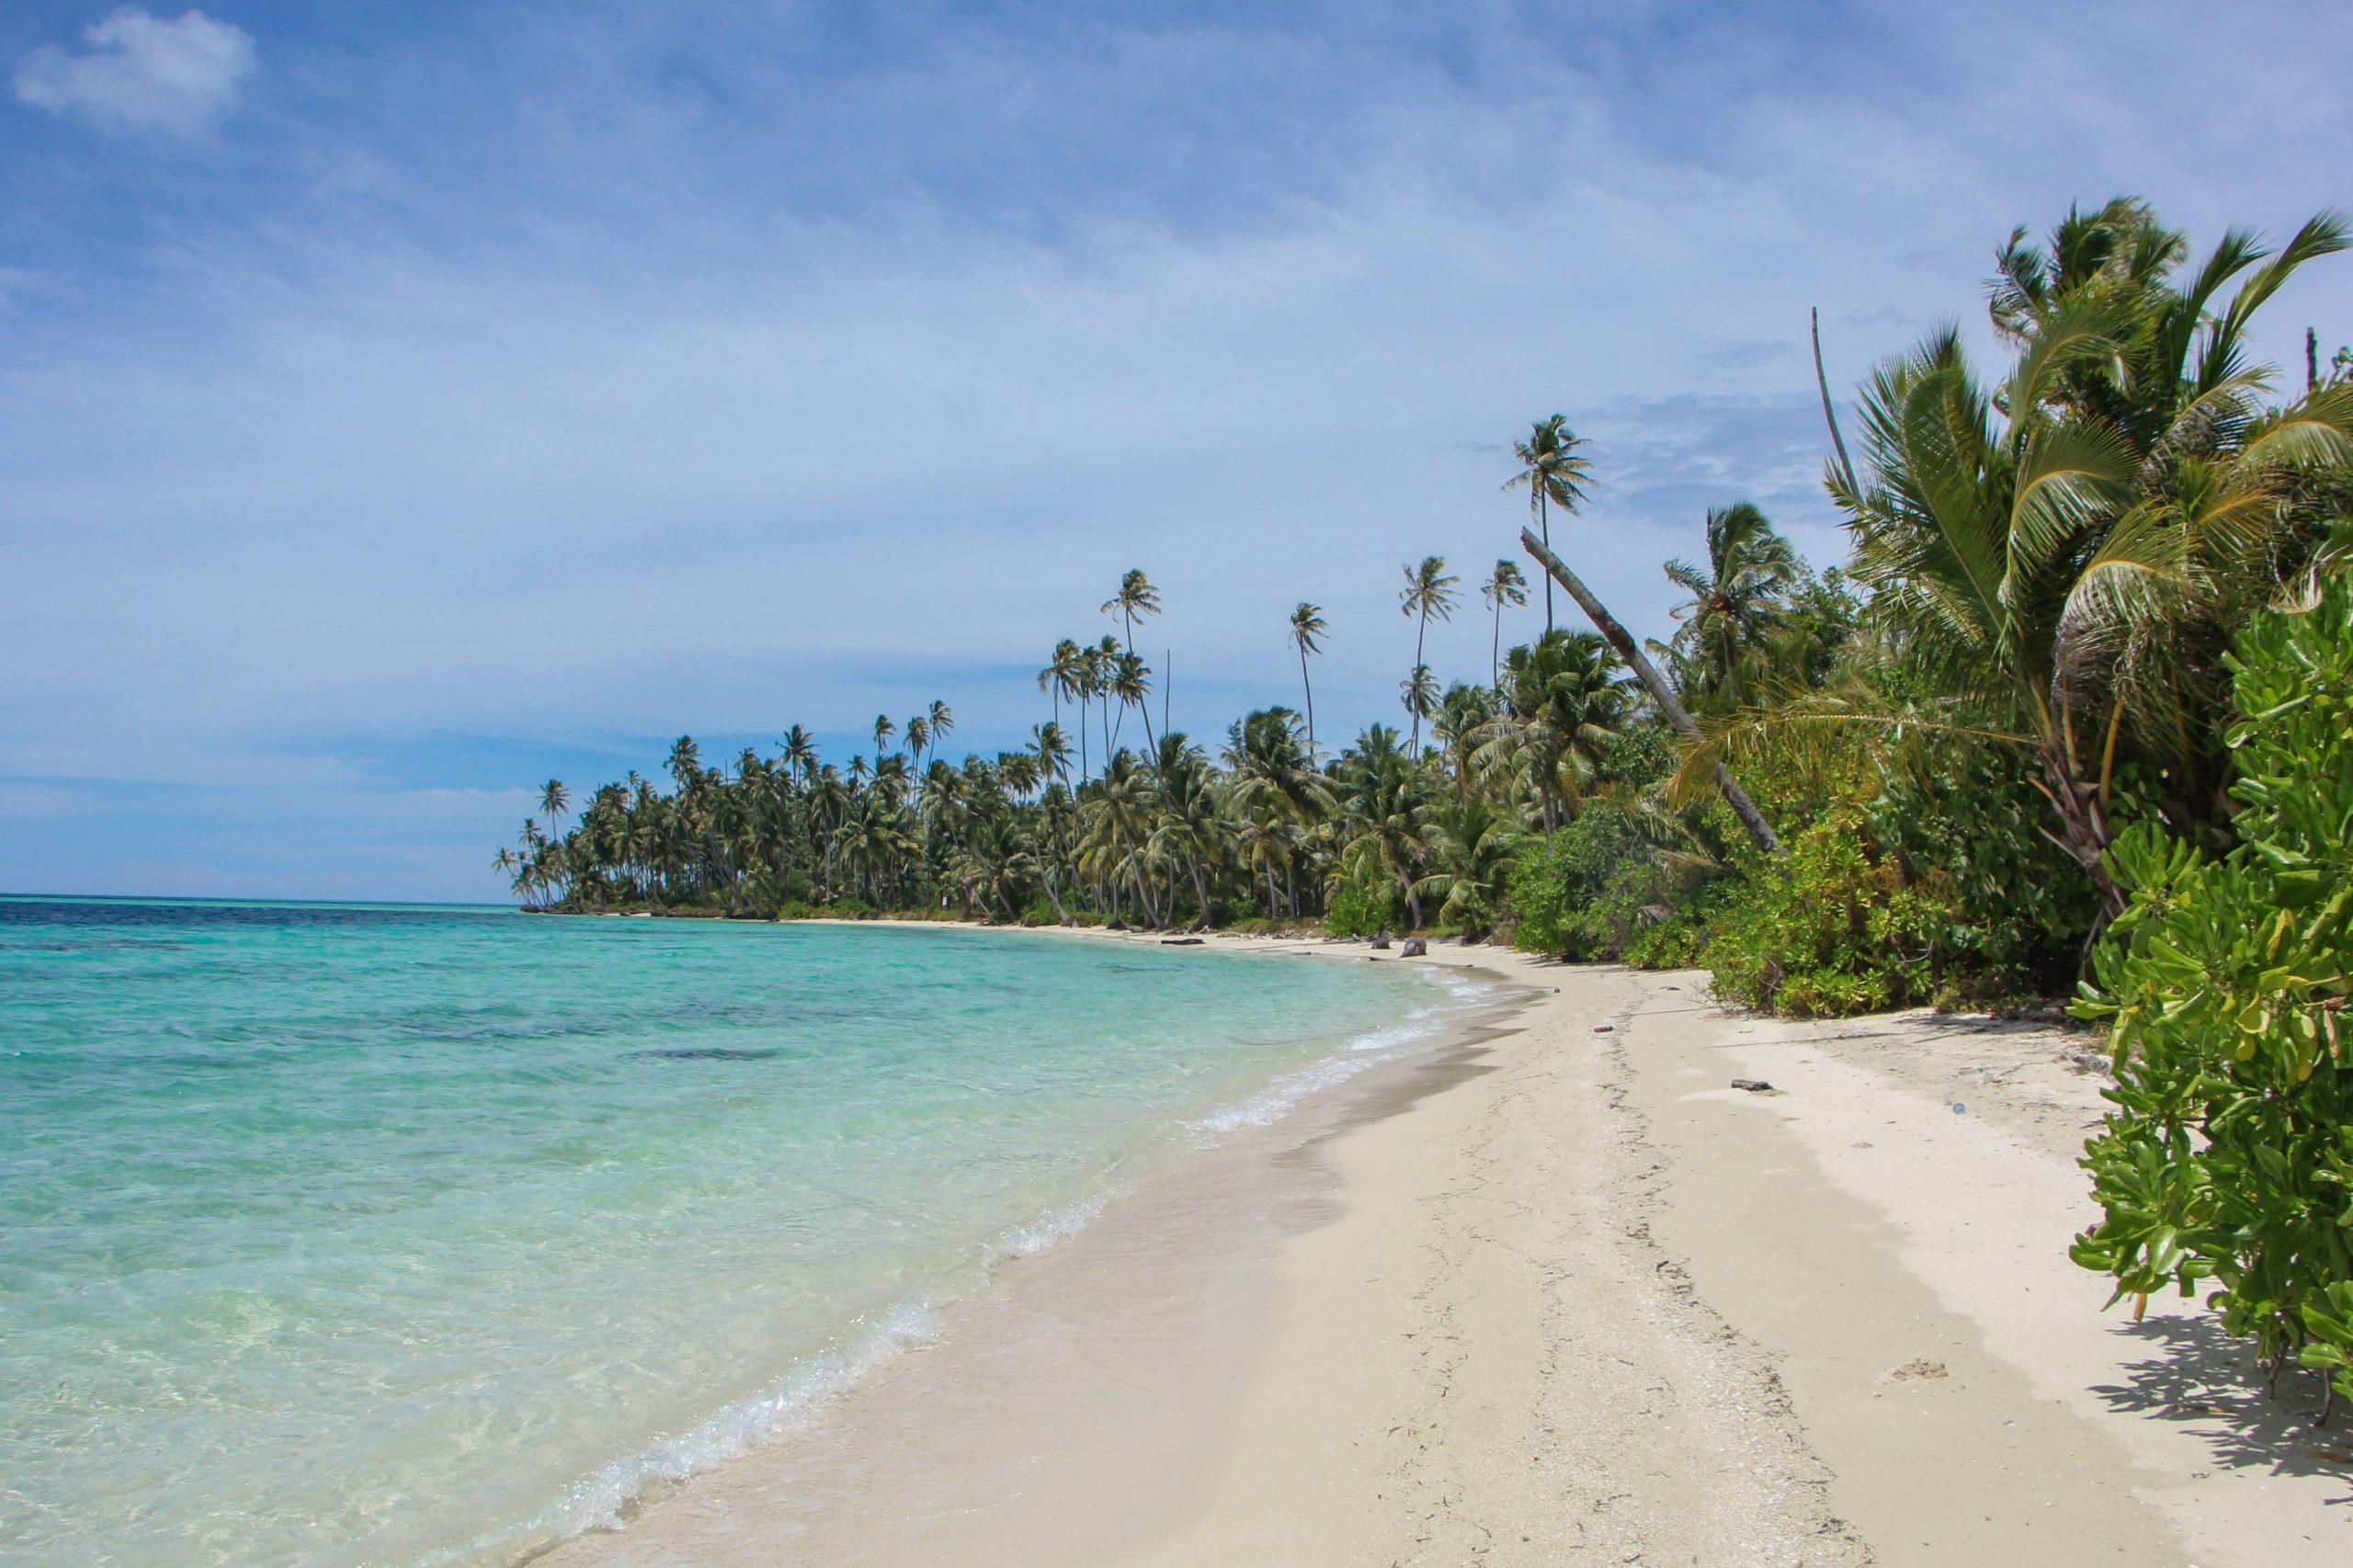 Pulau_Asok_wanda_haris6_compressed